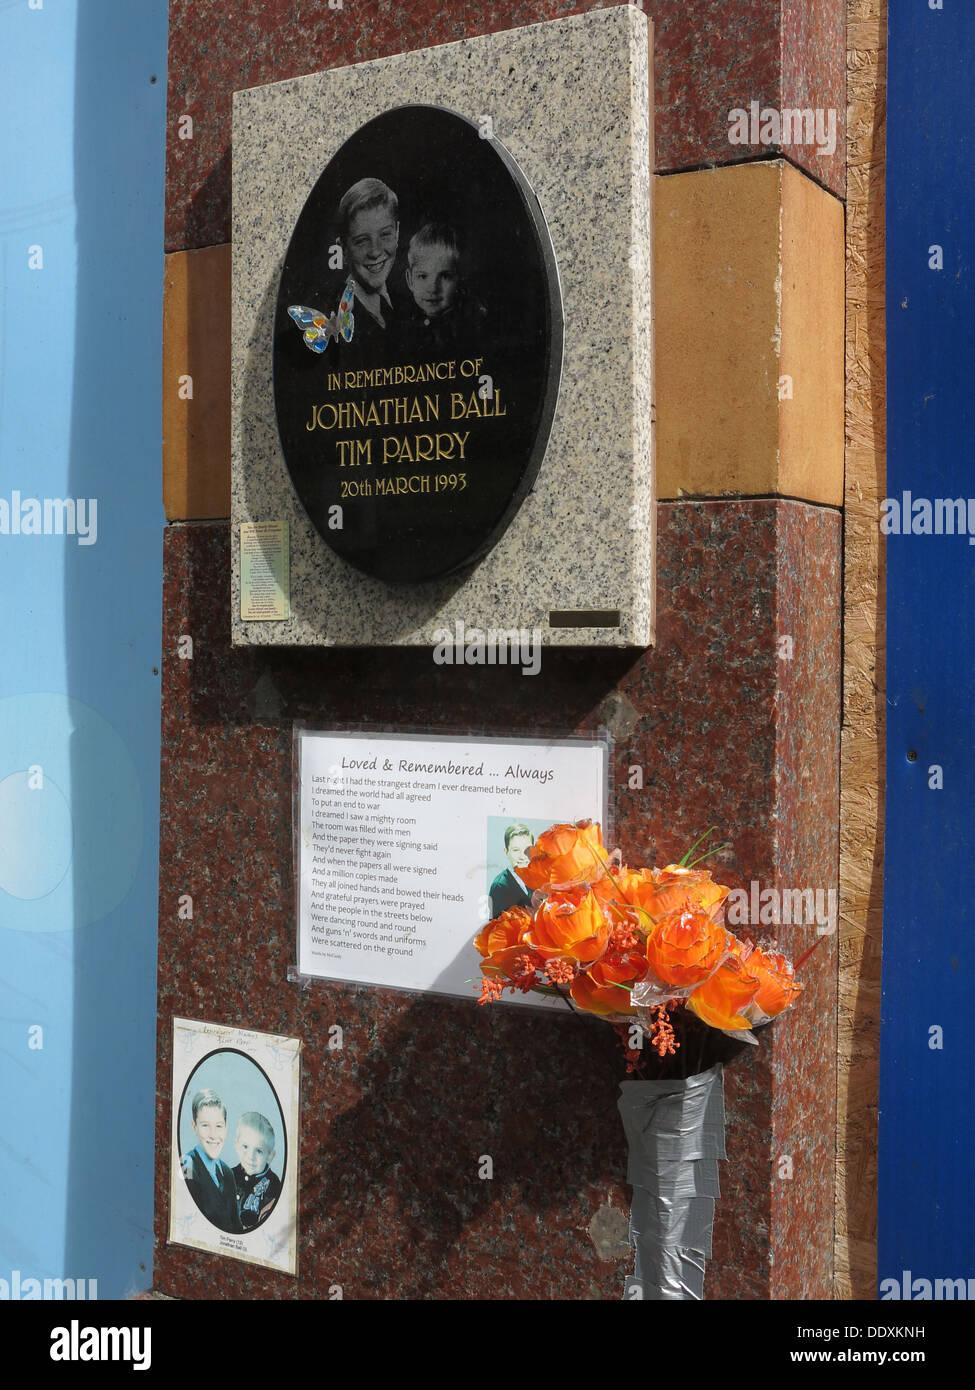 Laden Sie dieses Alamy Stockfoto Denkmal für Jonathon Ball und Tim Parry, Bombe Opfer der IRA in Warrington 20.03.1993, Cheshire, UK (Ersatz Memorial) - DDXKNH